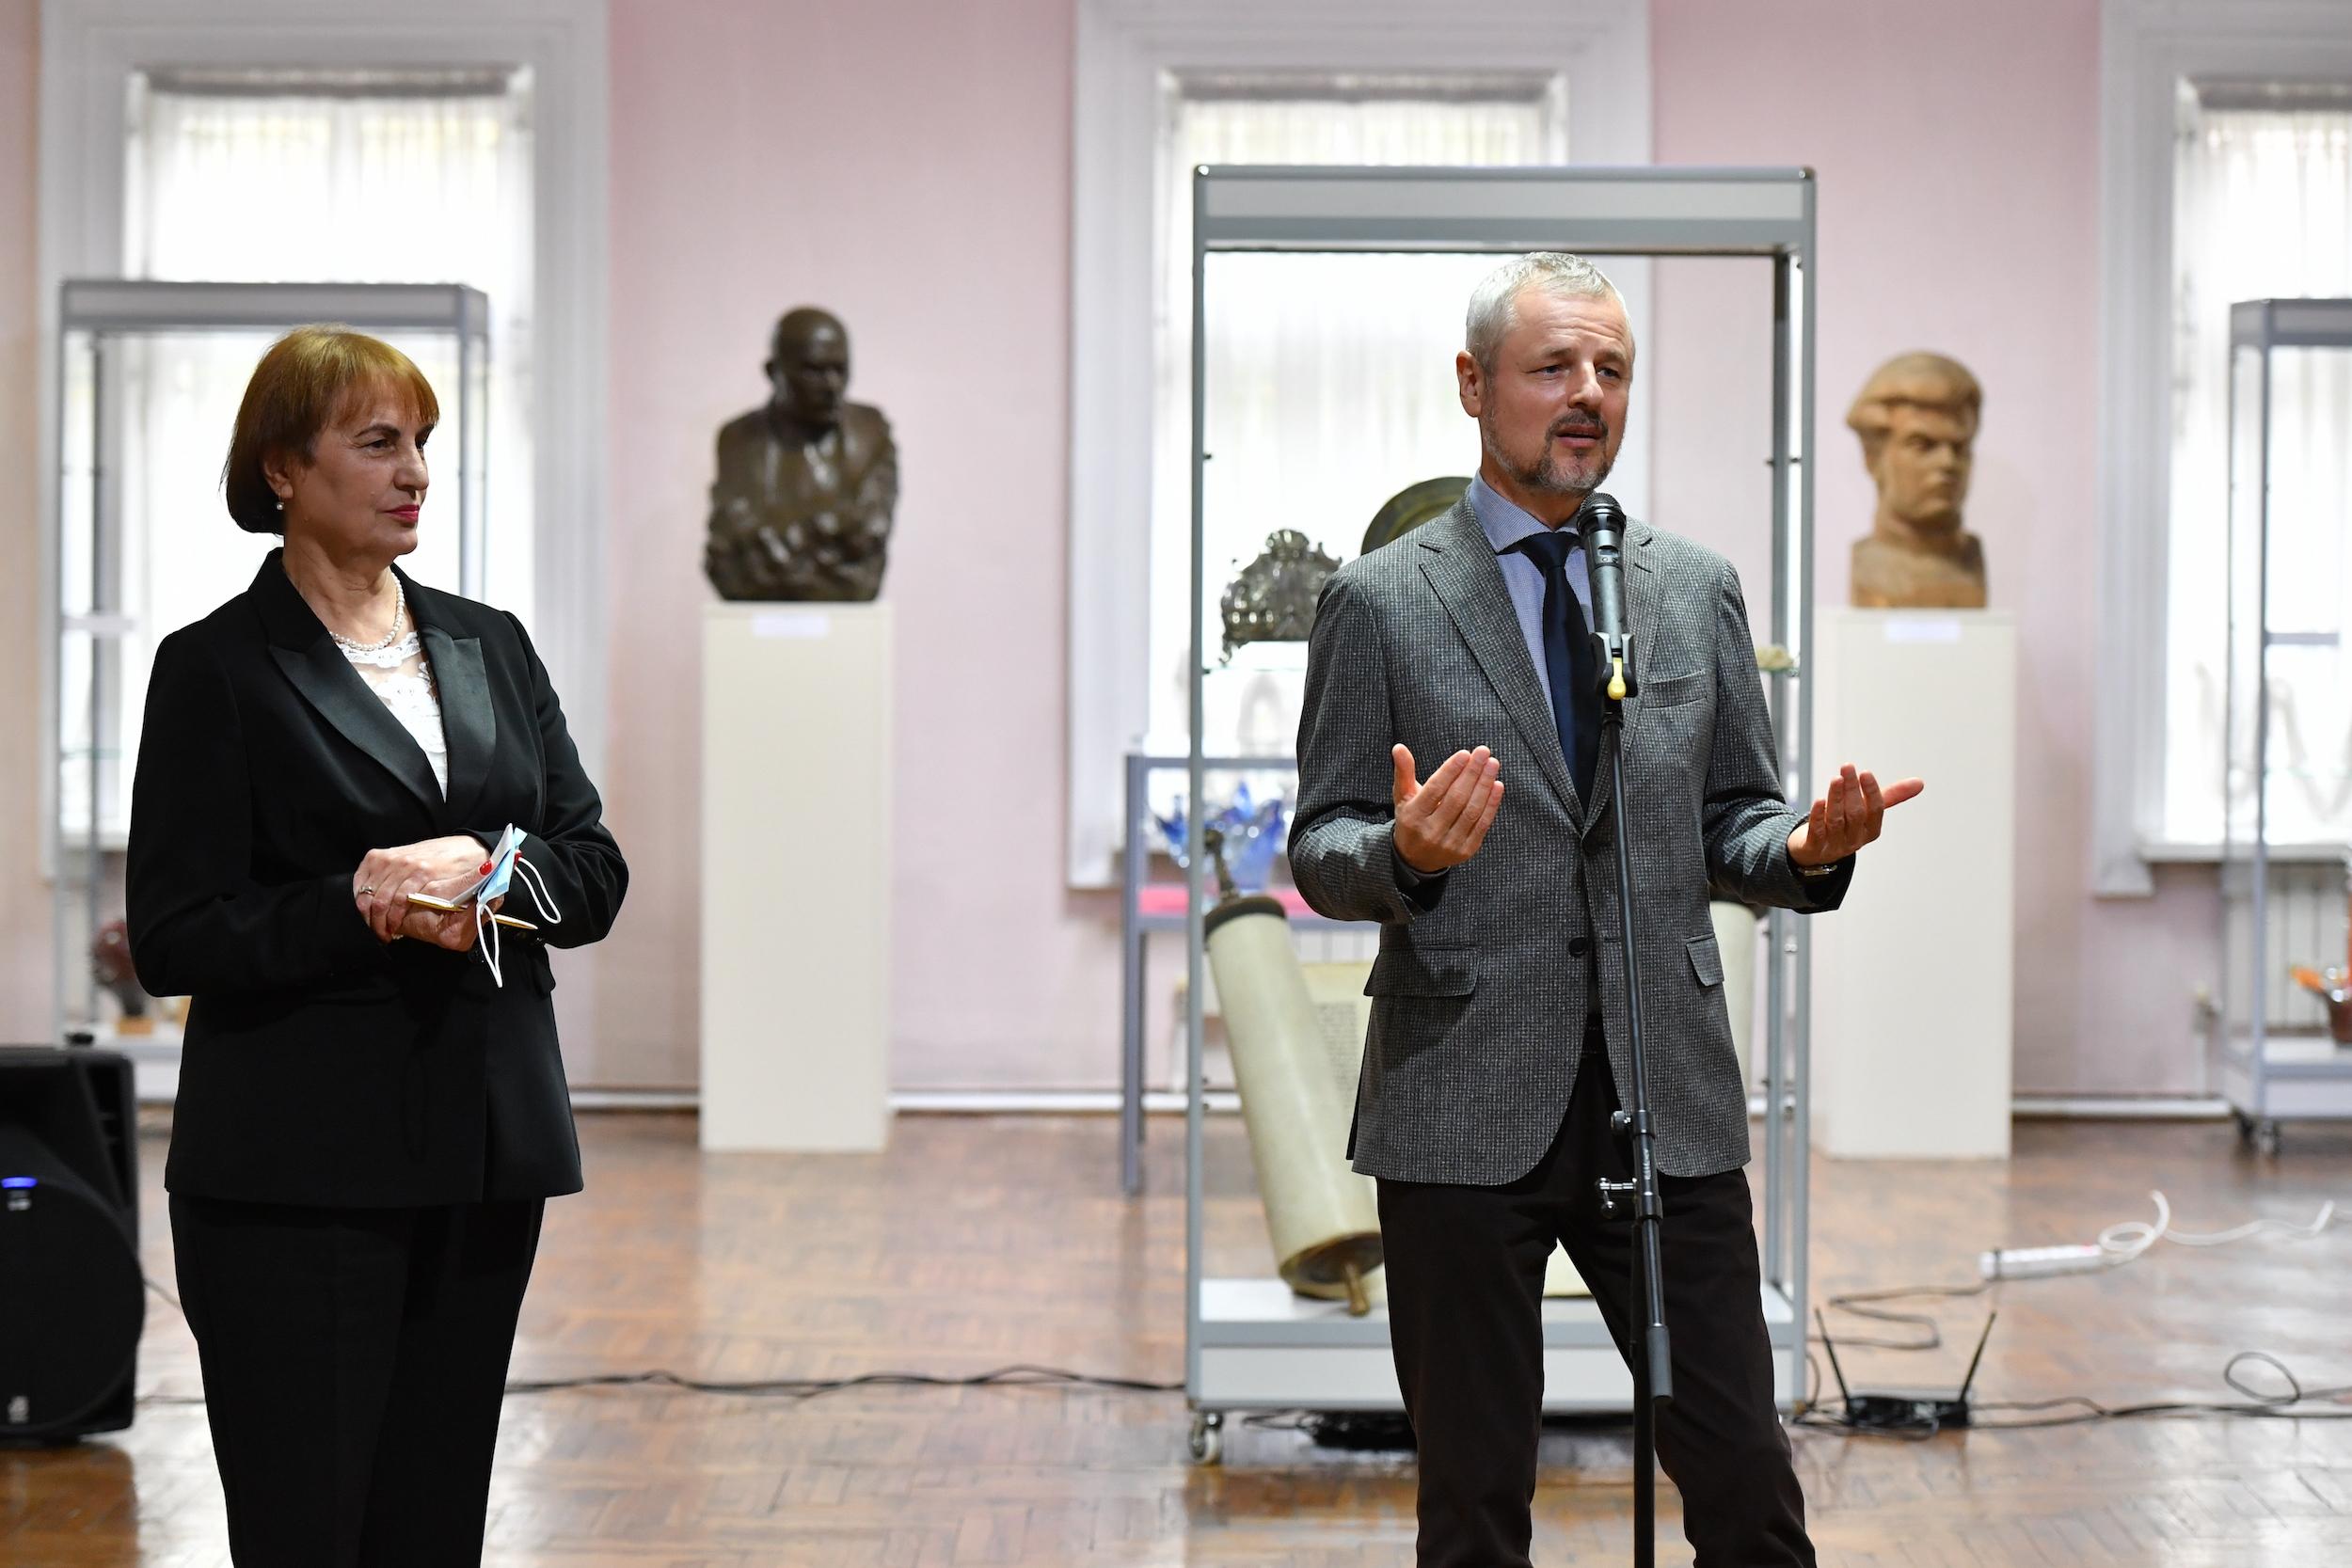 ВКишиневе открылась выставка «Еврейское присутствие вистории, культуре ипамяти Молдовы» (ФОТО)